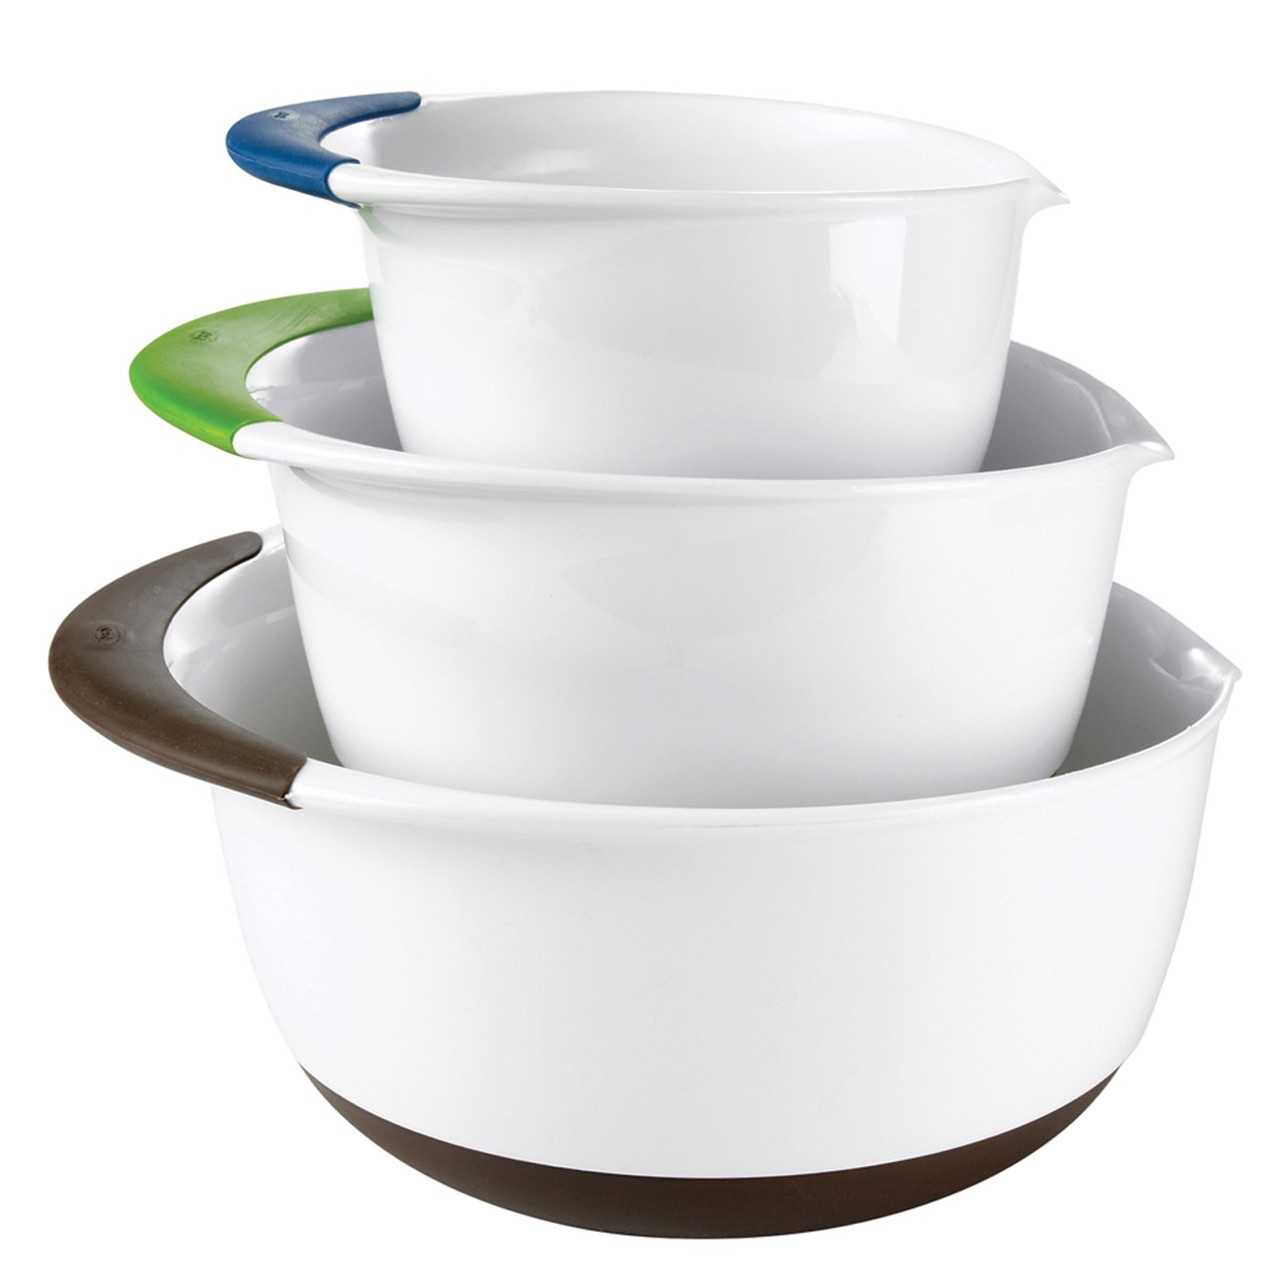 3 Piece Mixing Bowl Set With Pour Spouts